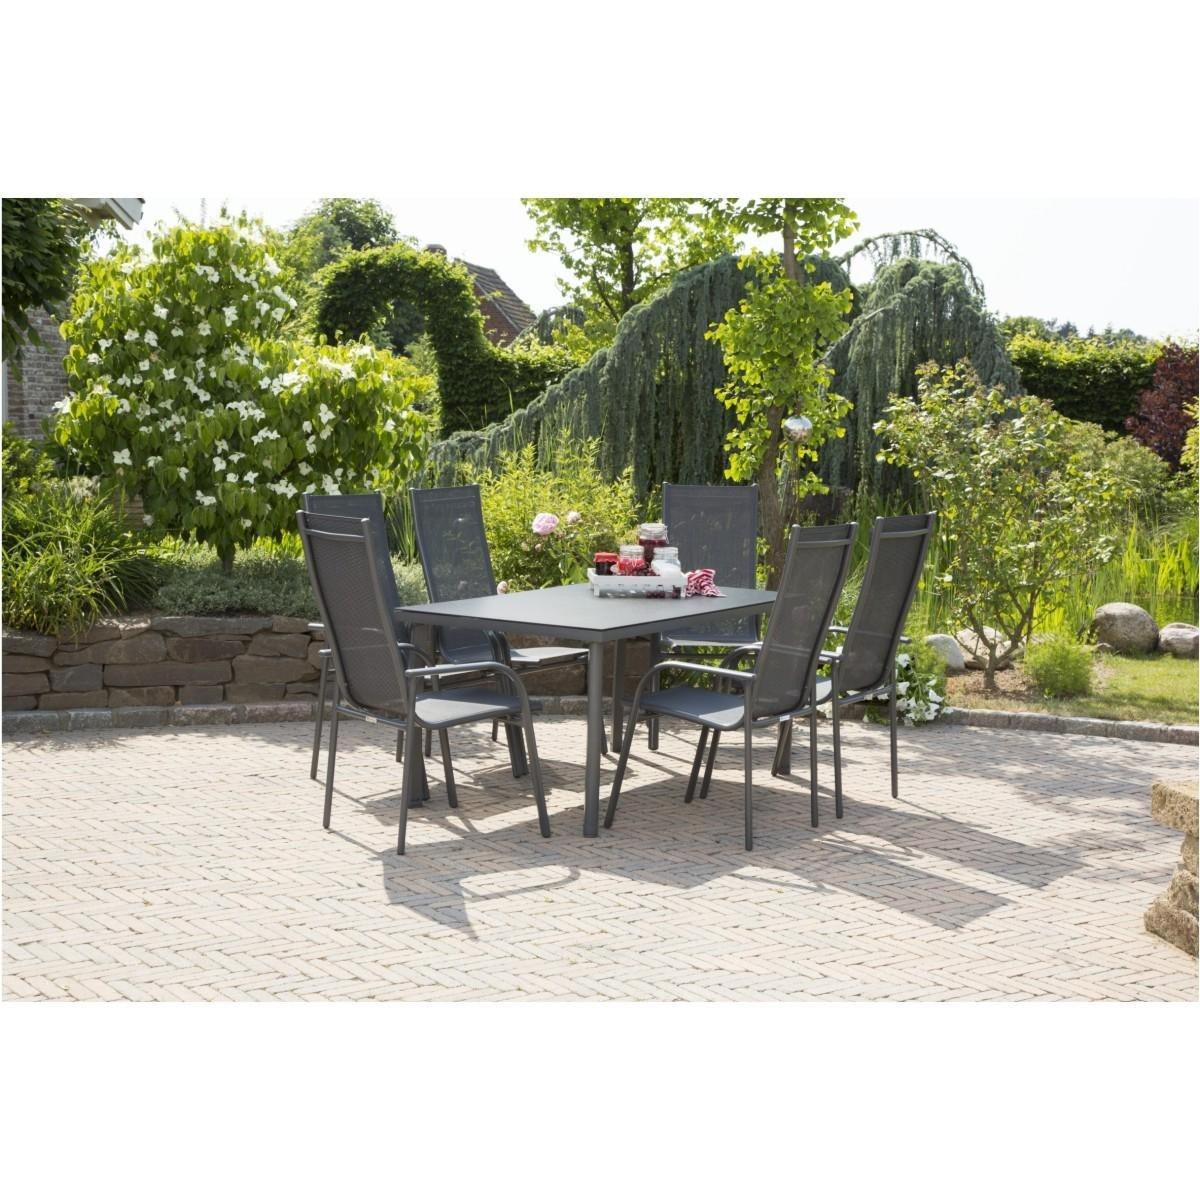 Aluminium Gartenmöbel Set Faro anthrazit 7tlg. Textil Hochlehner Spaystone Tisch günstig online kaufen